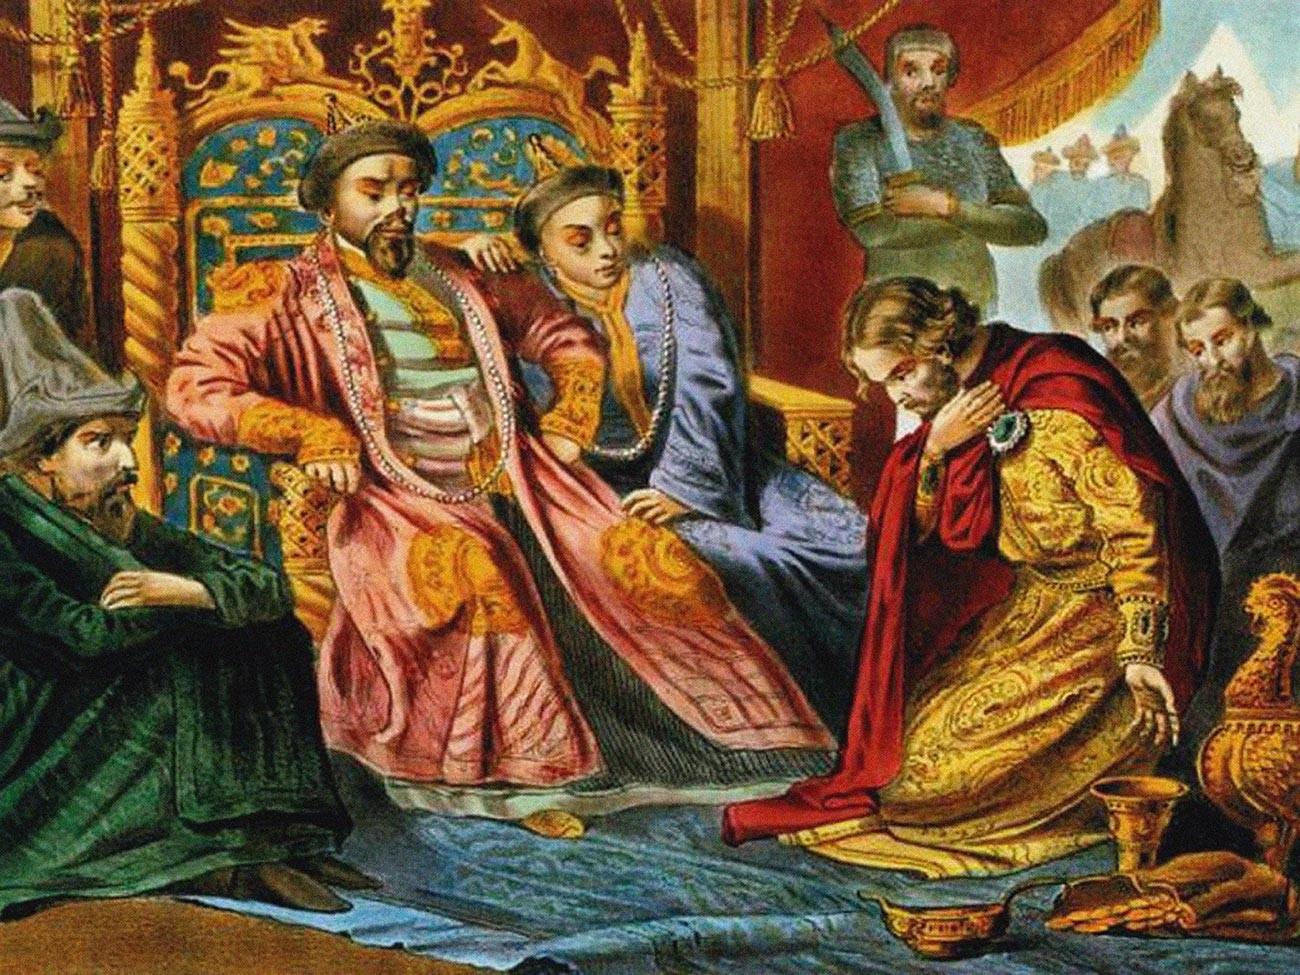 Кнез Александар Невски моли Бату-кана за милост према Русији, крај 19. века